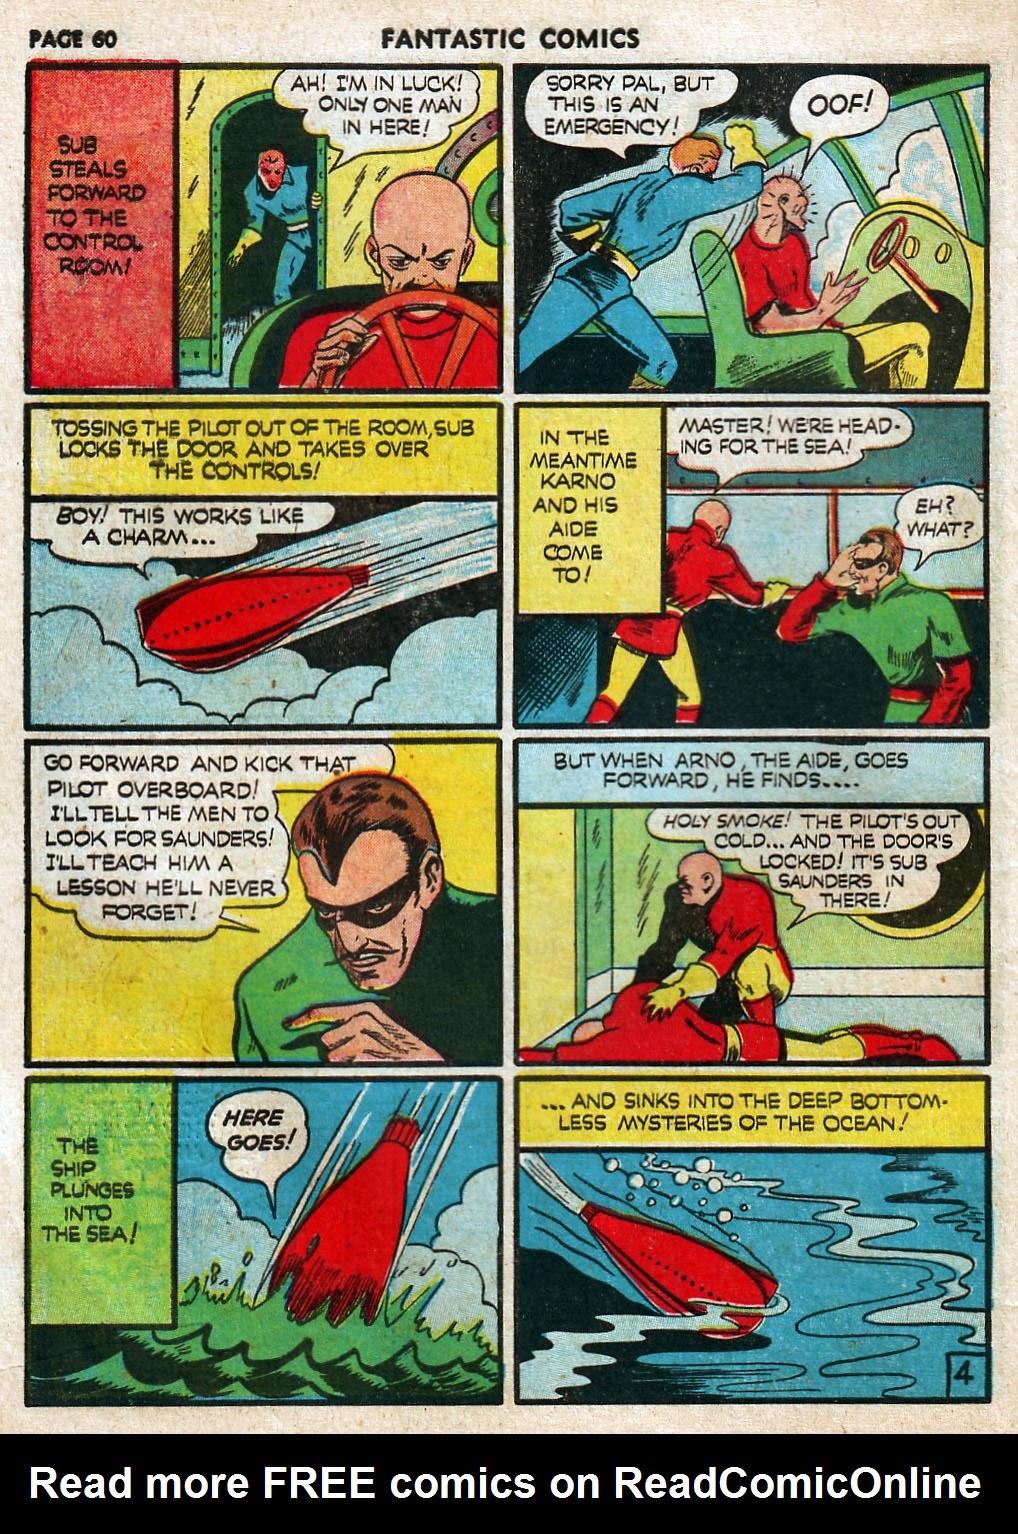 Read online Fantastic Comics comic -  Issue #17 - 61